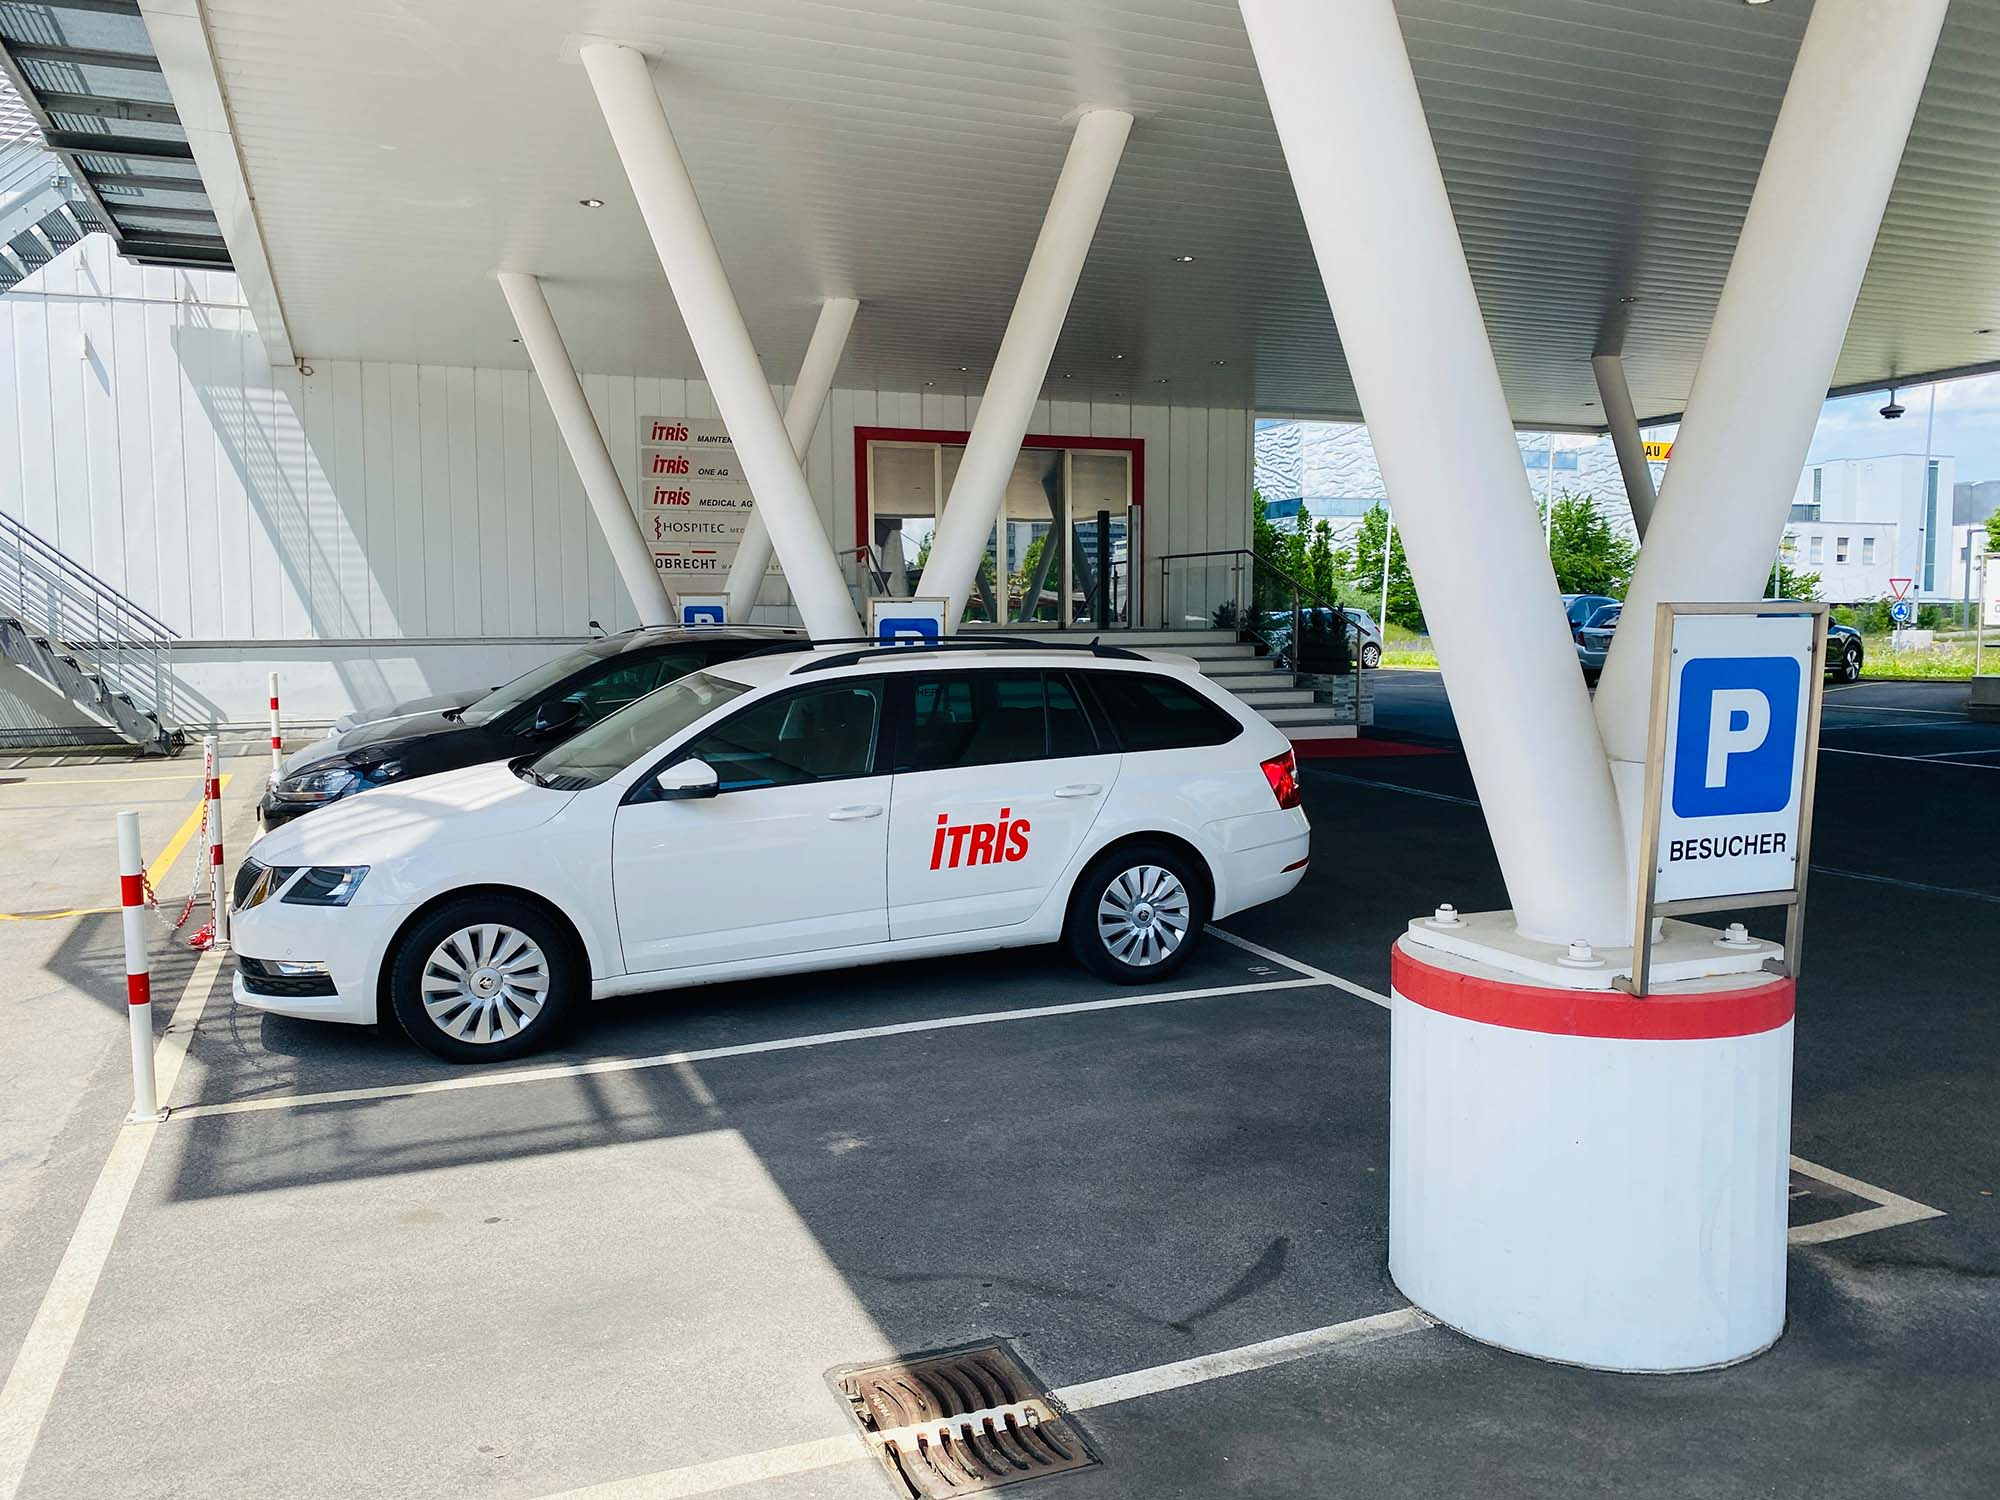 ITRIS Standort Spreitenbach Parkplätze